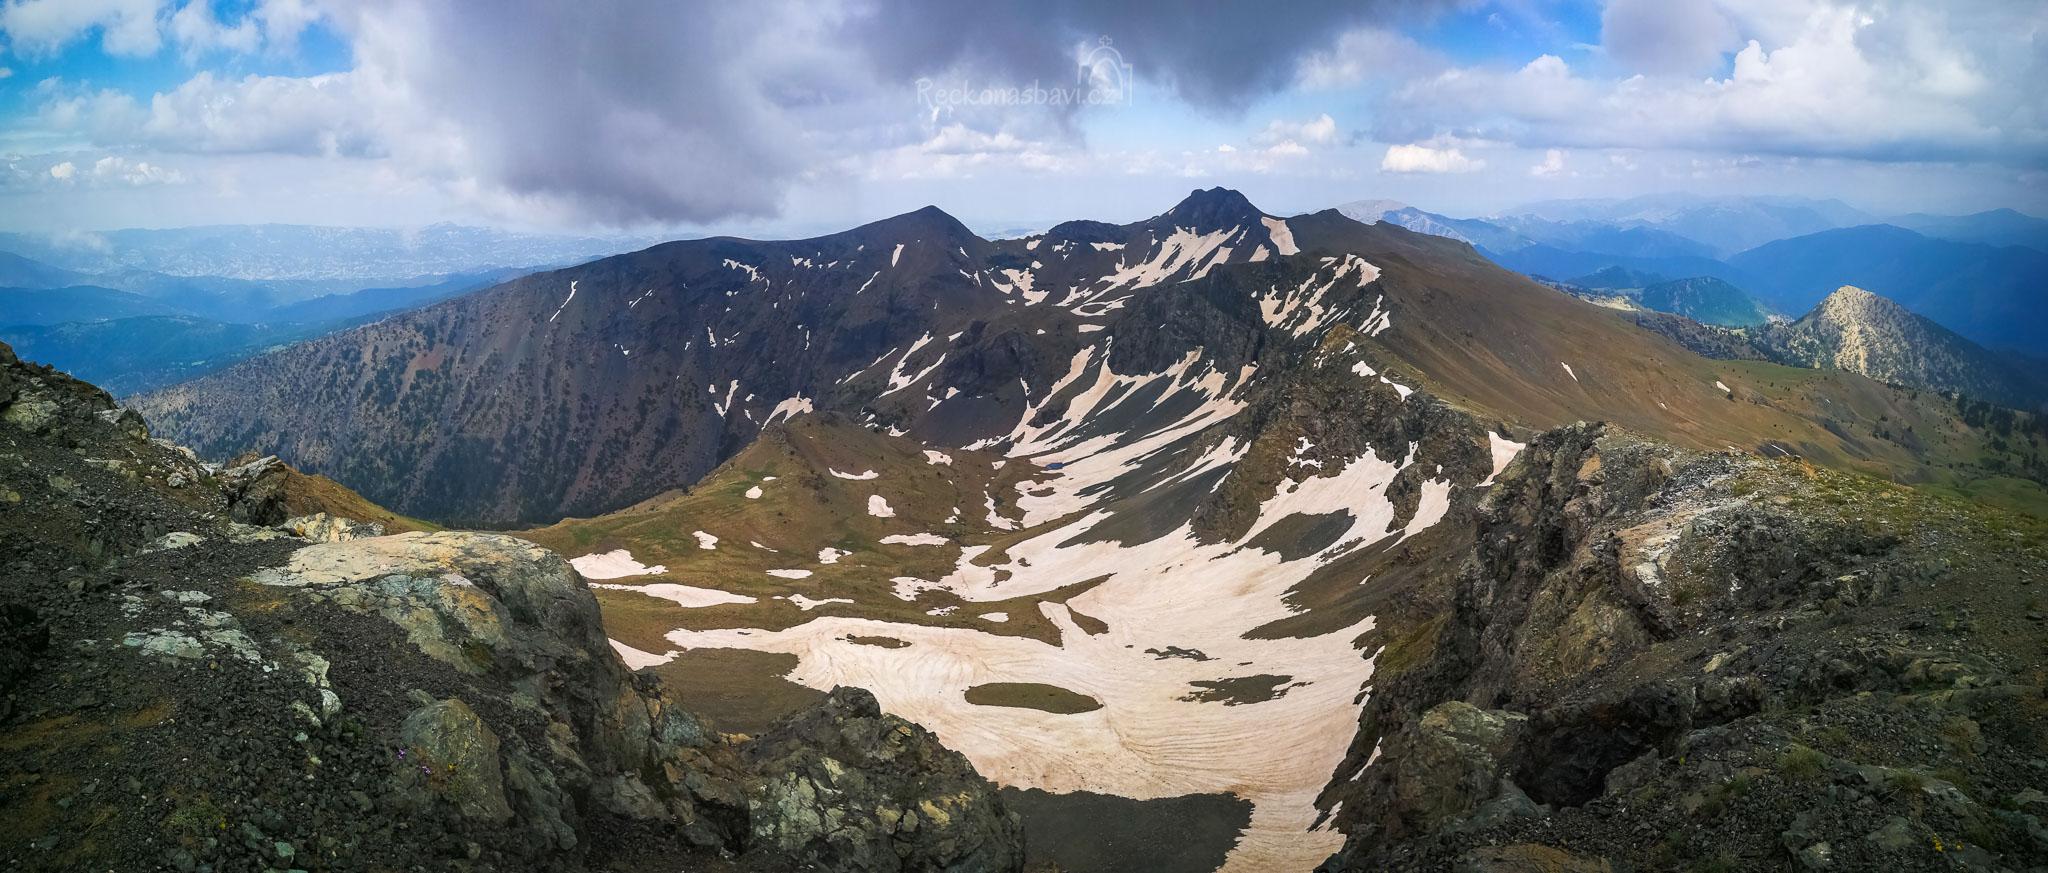 v 17:05 stojíme oba na střeše pohoří Pindos – ve 2637m n.m. na vrcholu hory Smolikas a kolem sebe máme celé Řecko jako na dlani (7 hodin na cestě).